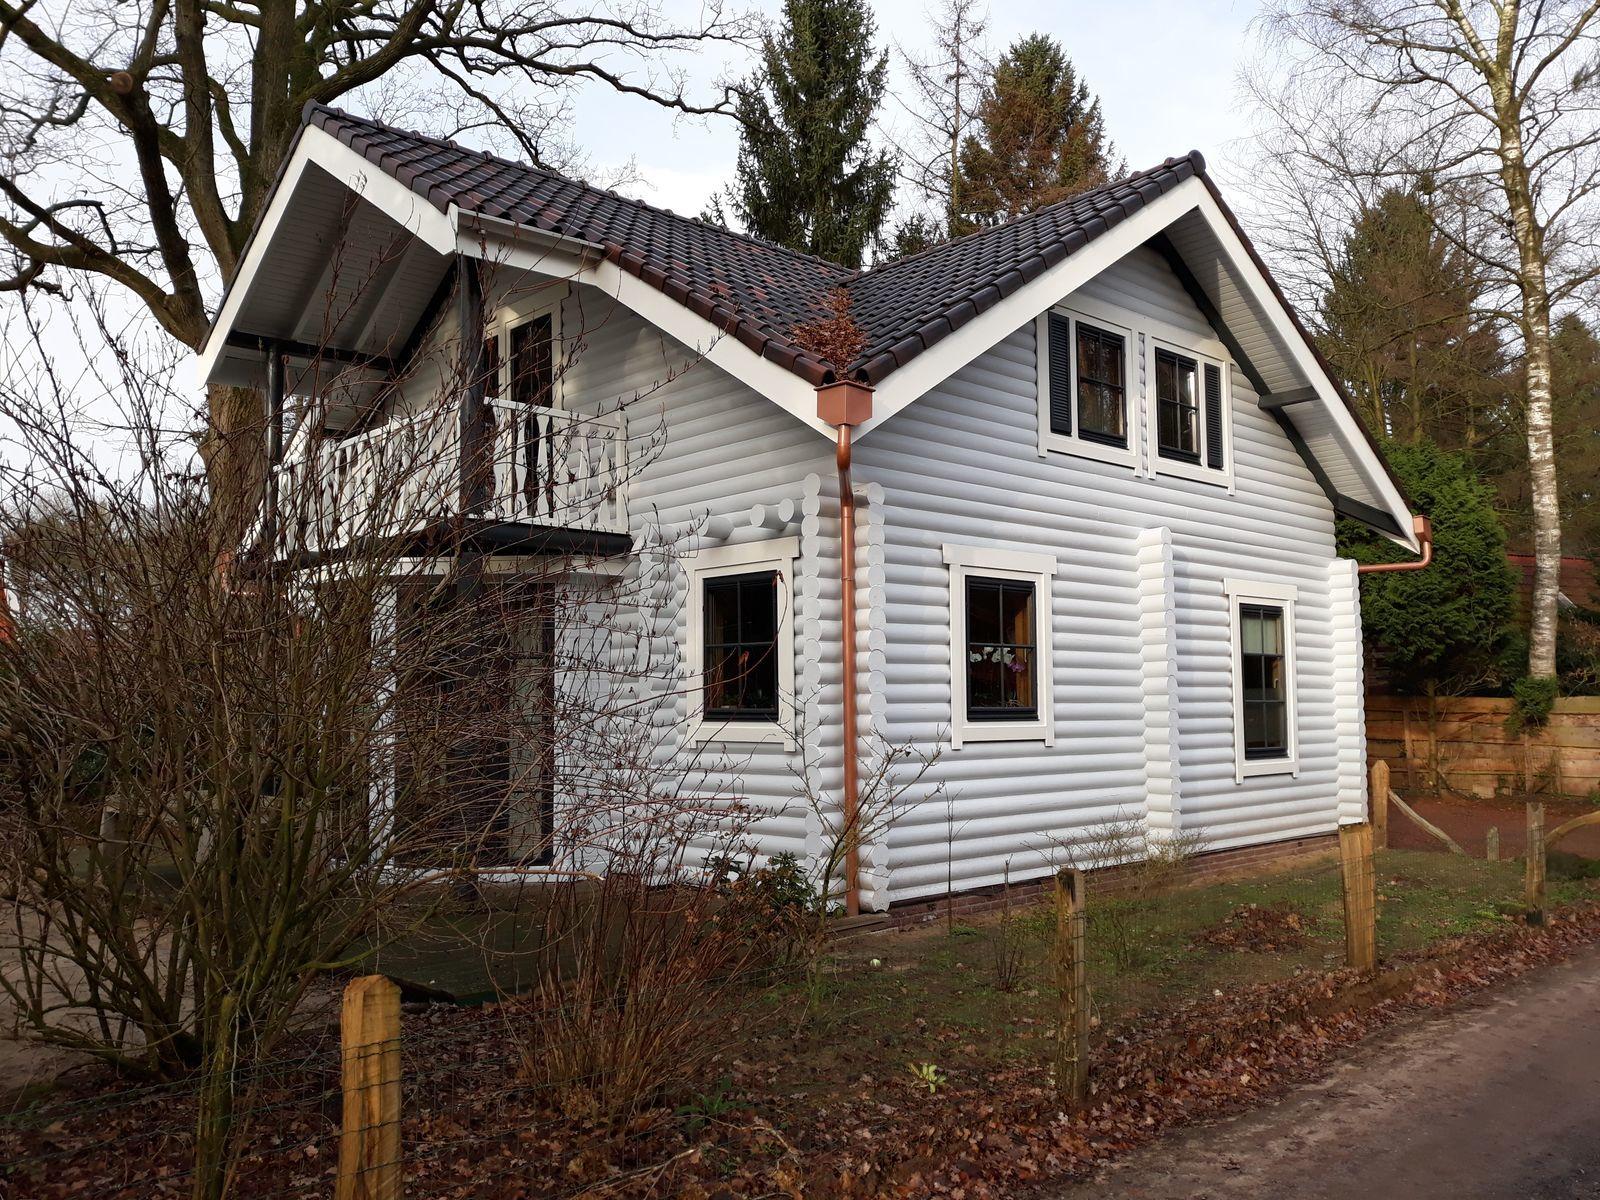 Huize Boszicht